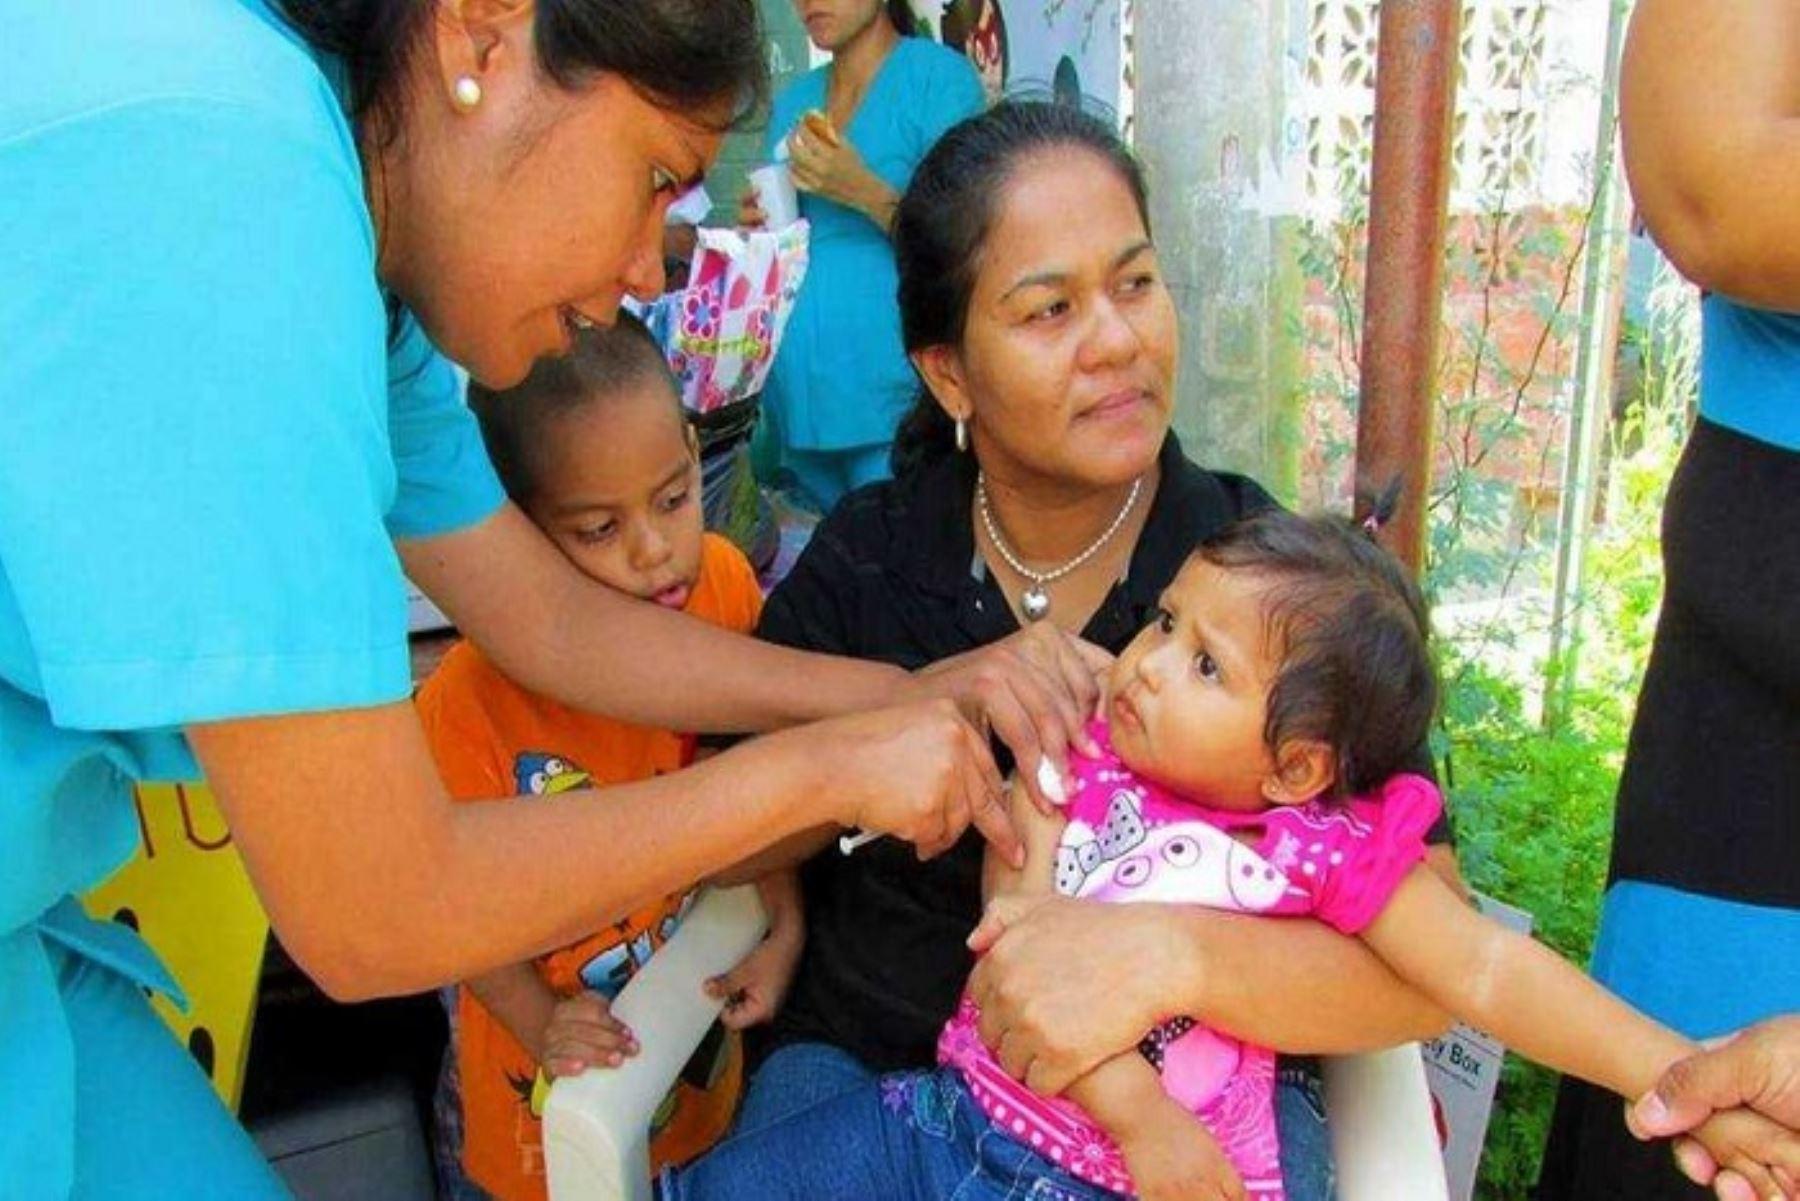 Con el propósito de proteger a la población de las enfermedades inmunoprevenibles, el Ministerio de Salud (Minsa) oficializó las actividades de la Semana de Vacunación en las Américas, las cuales se realizarán del 20 al 30 abril en todo el país. ANDINA/Difusión